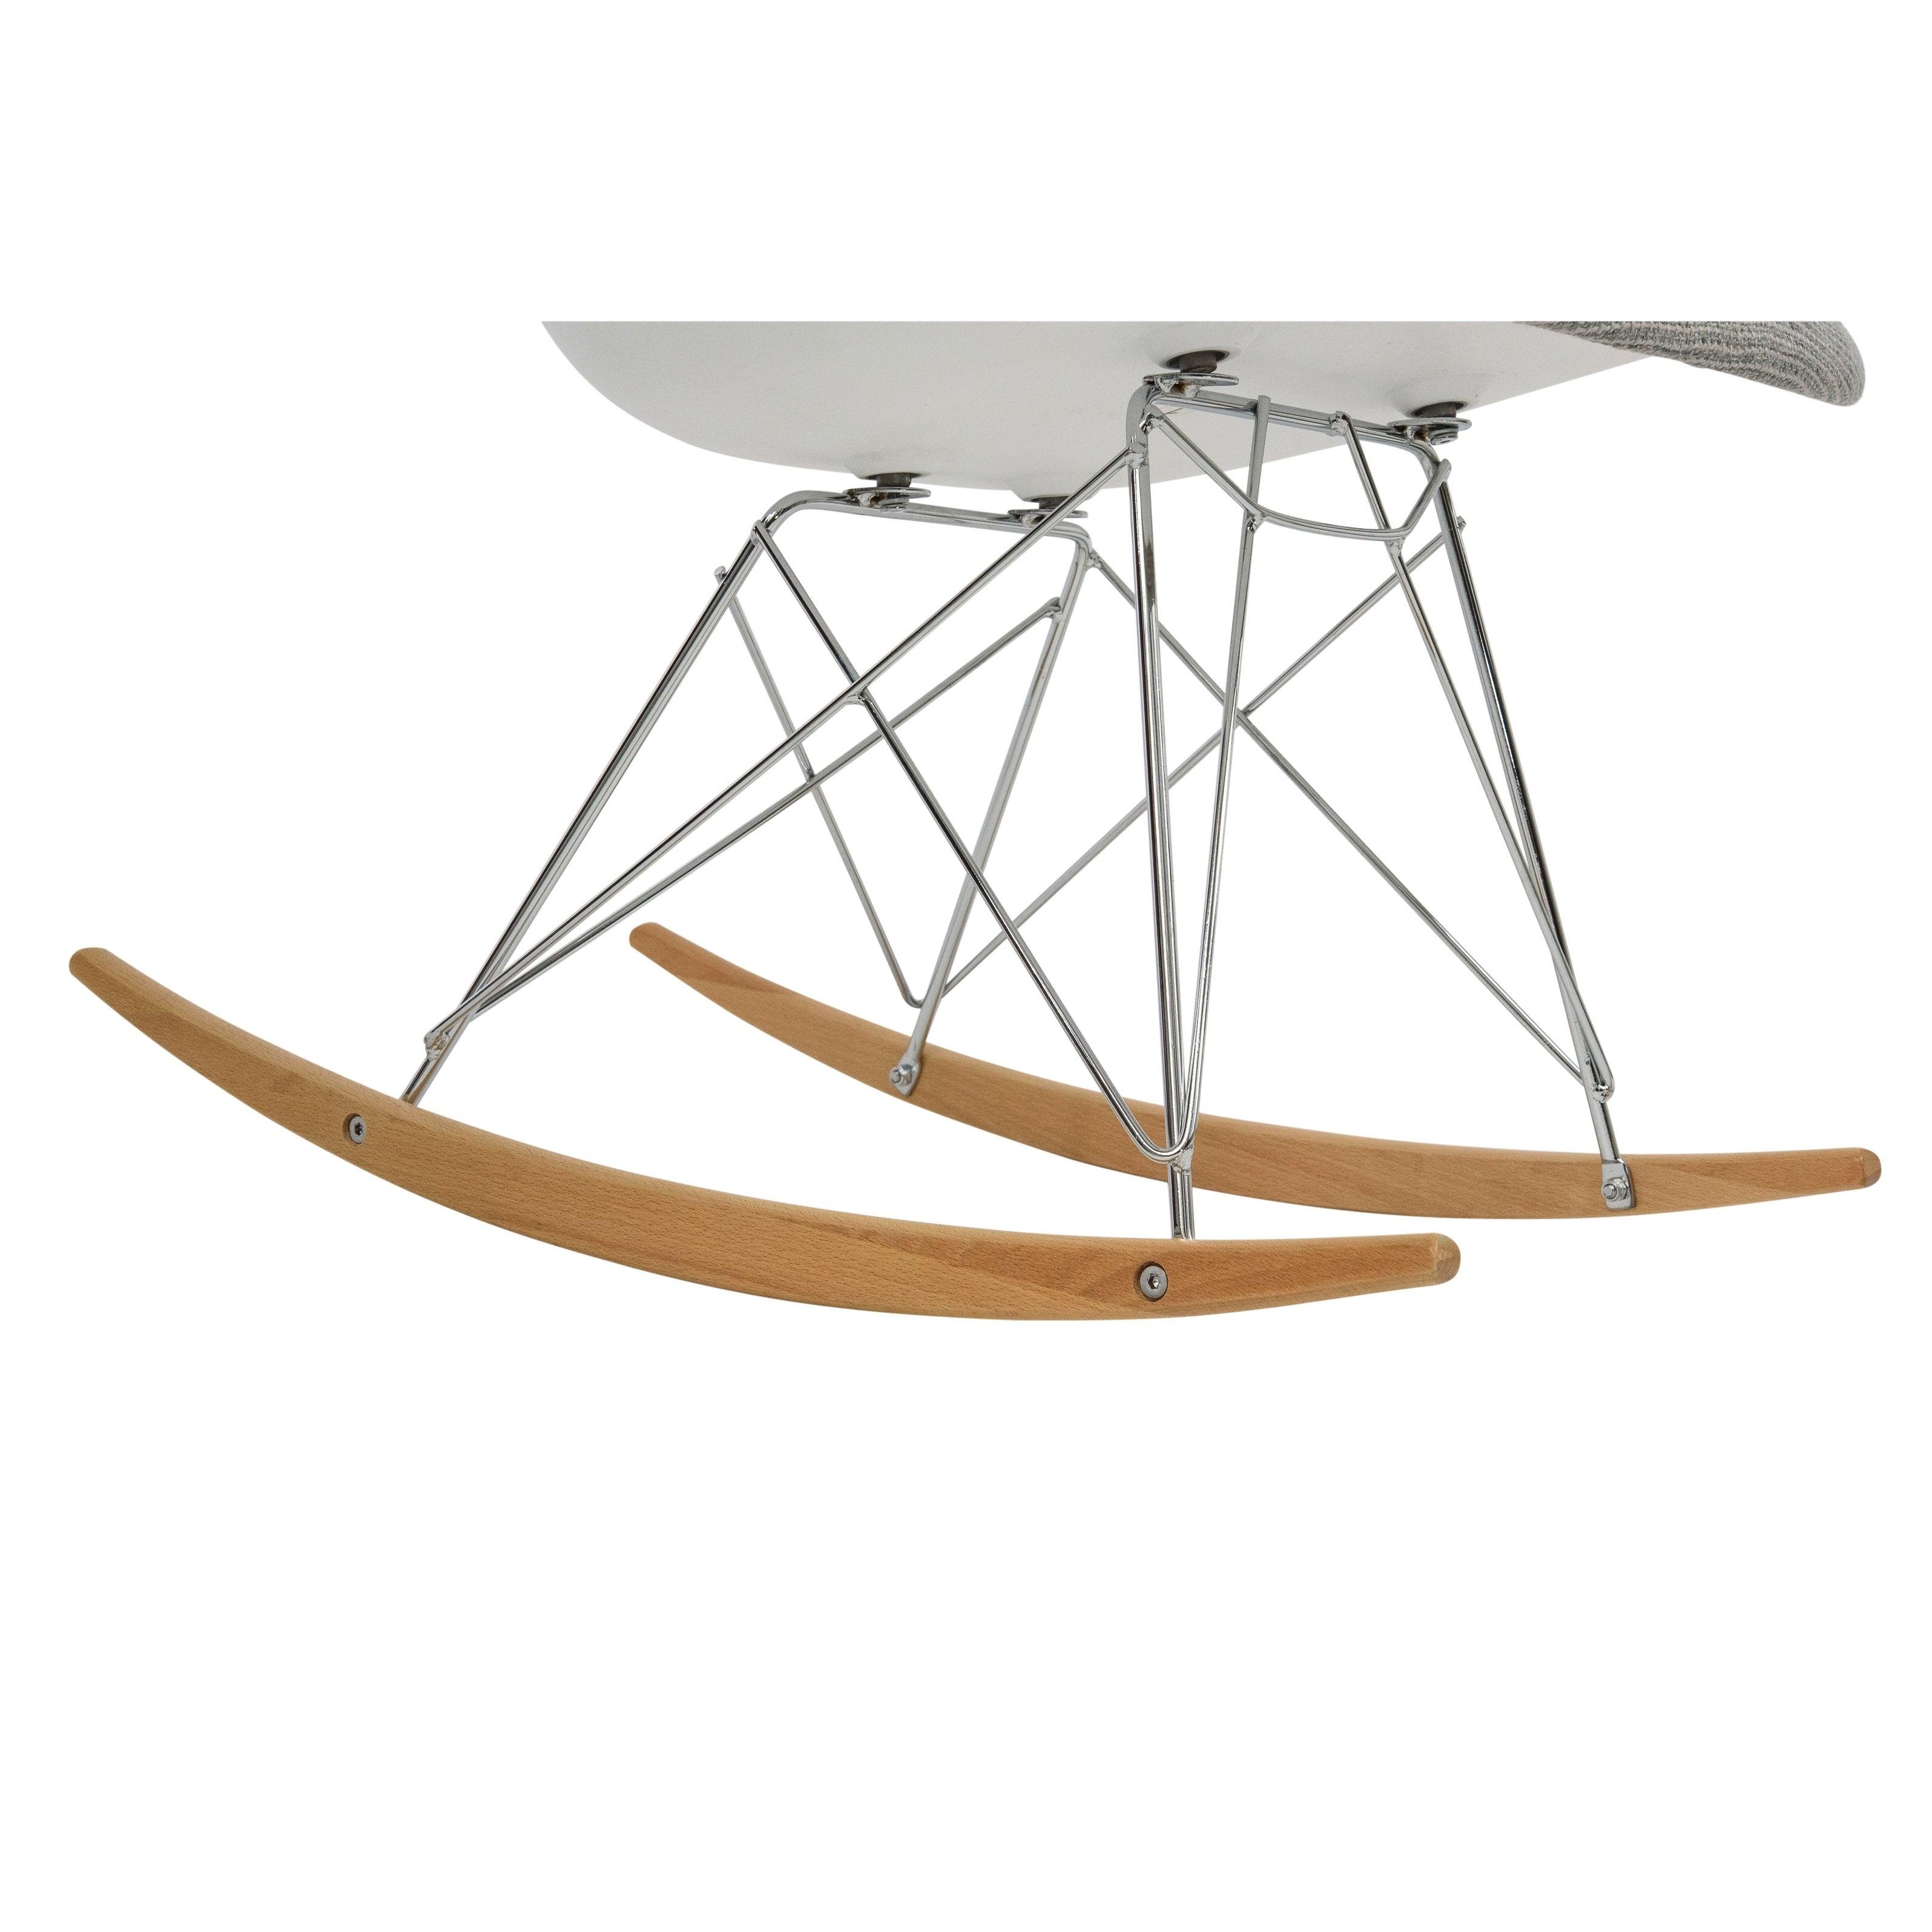 Leisuremod Wilson Twill Fabric Grey Rocking Chair W/ Eiffel Legs With Regard To Twill Fabric Multi Rocking Chairs With Eiffel Legs (View 19 of 20)